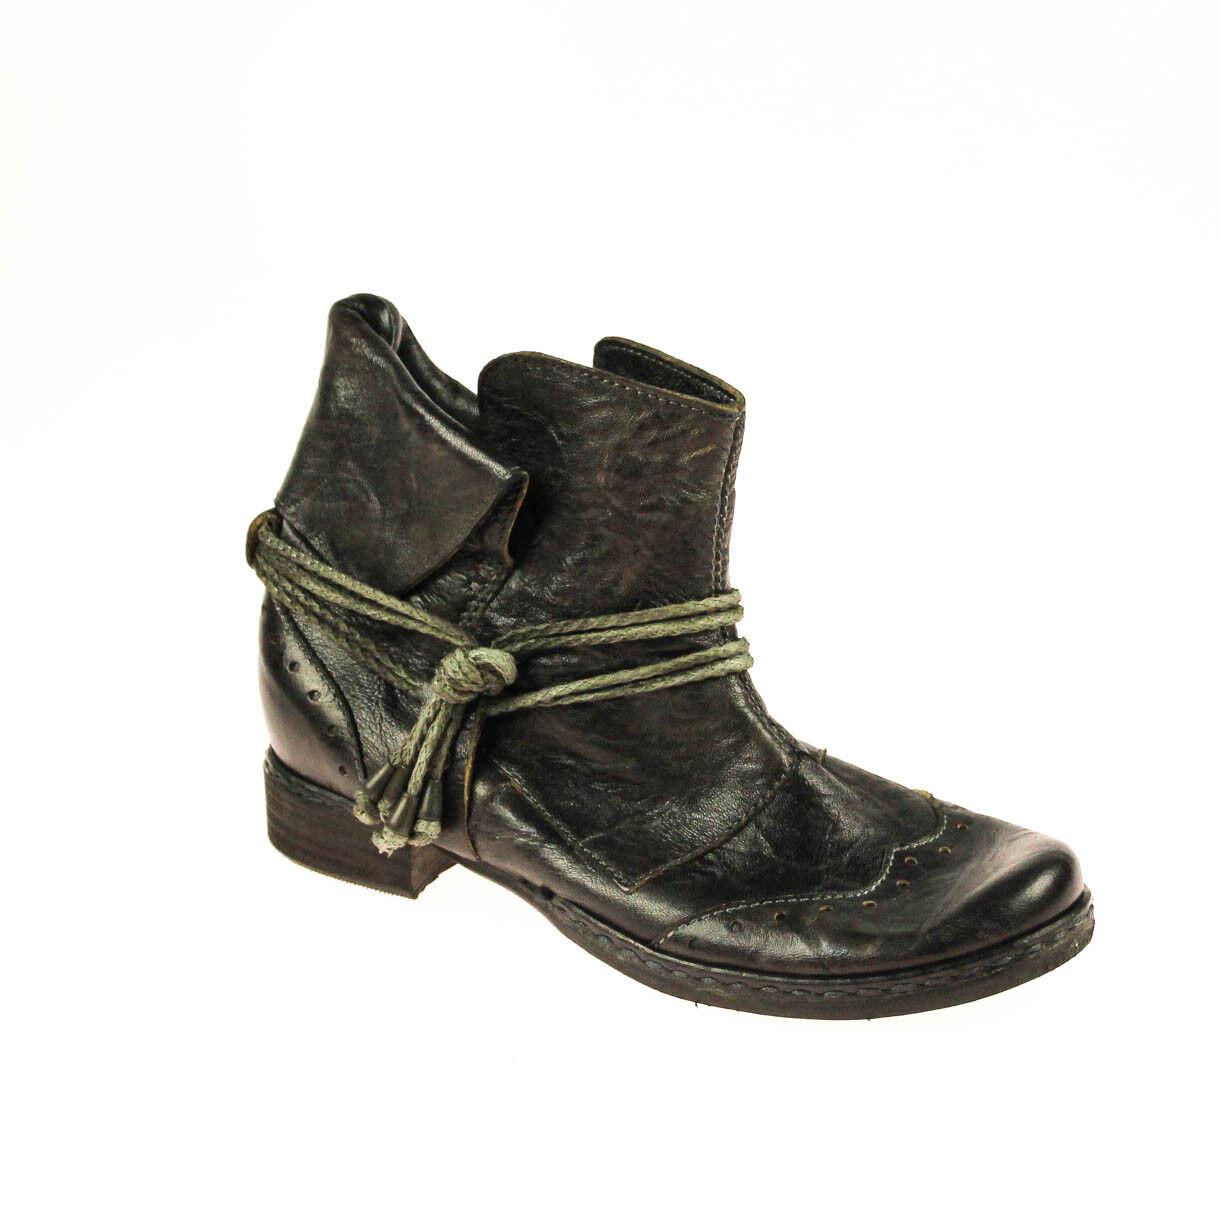 Encanto señora botín semi zapato de cuero marrón oscuro Taupe gris multiColor